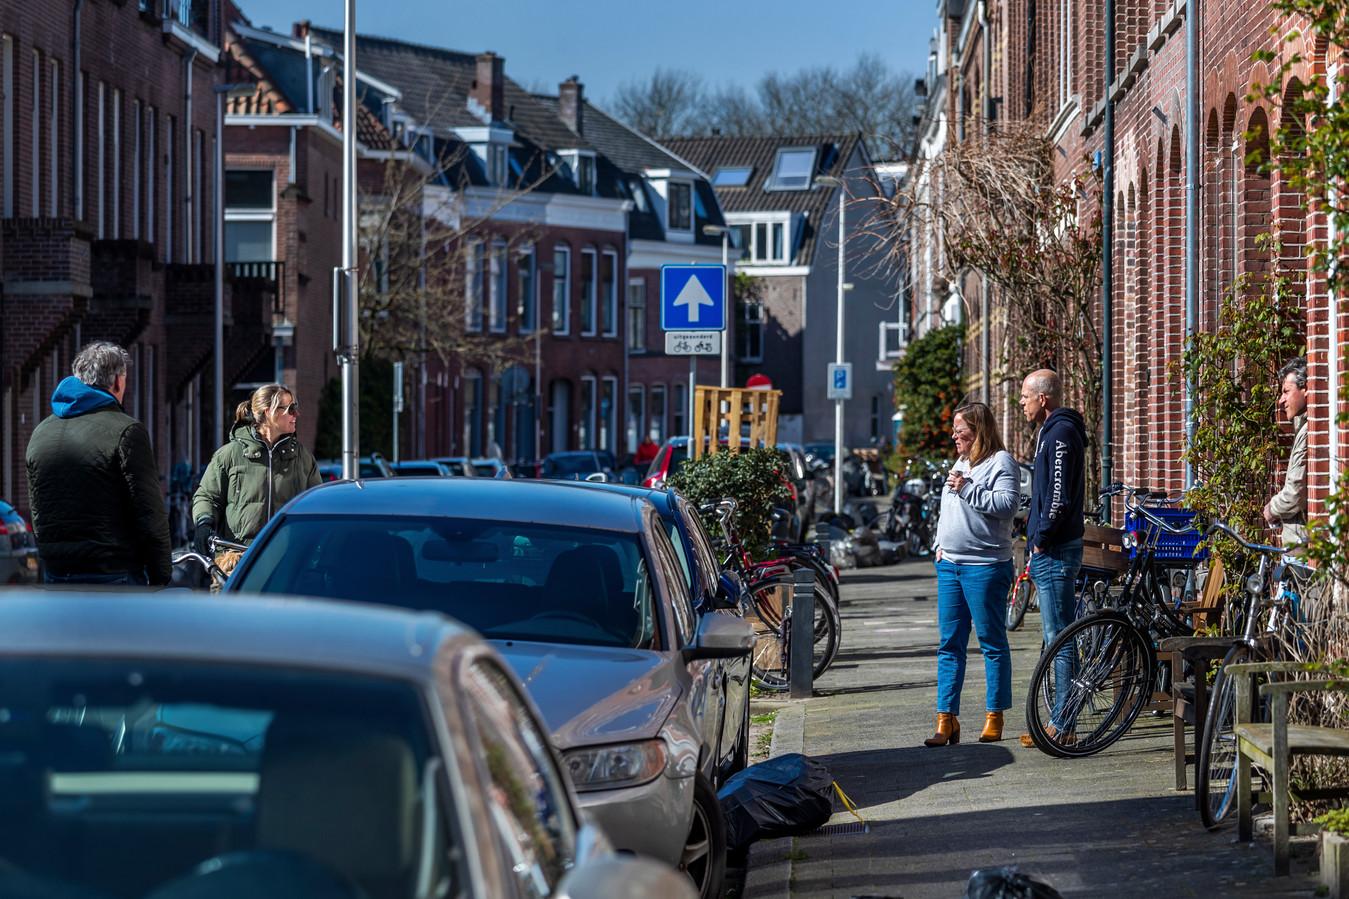 Utrechters houden, in maart van dit jaar, verplicht 1,5 meter afstand.